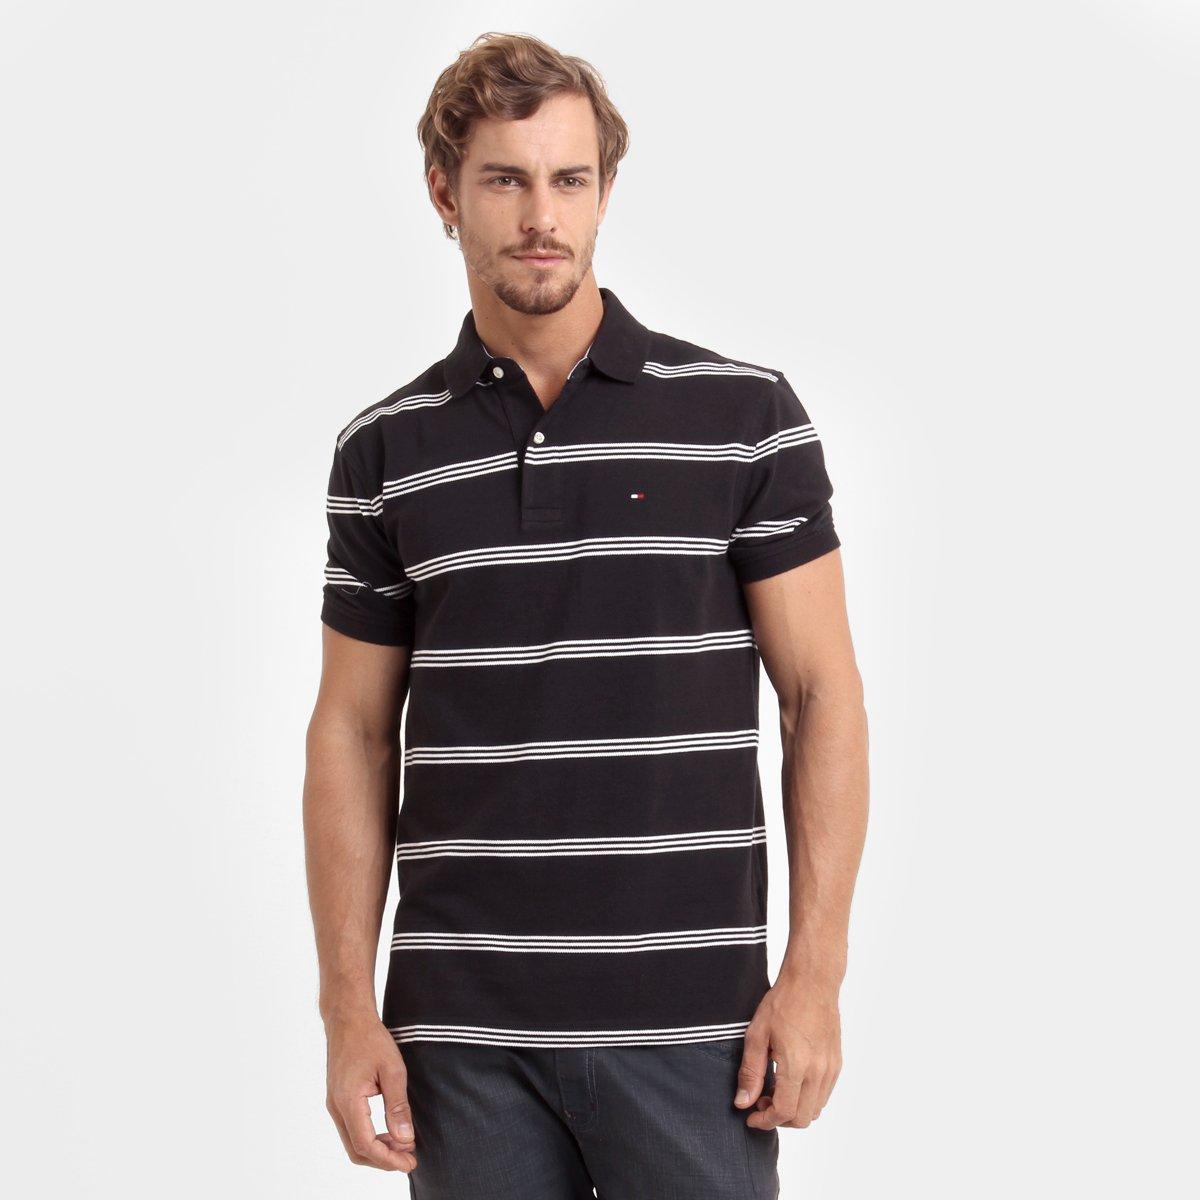 Camisa Polo Tommy Hilfiger Piquet Listras - Compre Agora  7945f1f632068